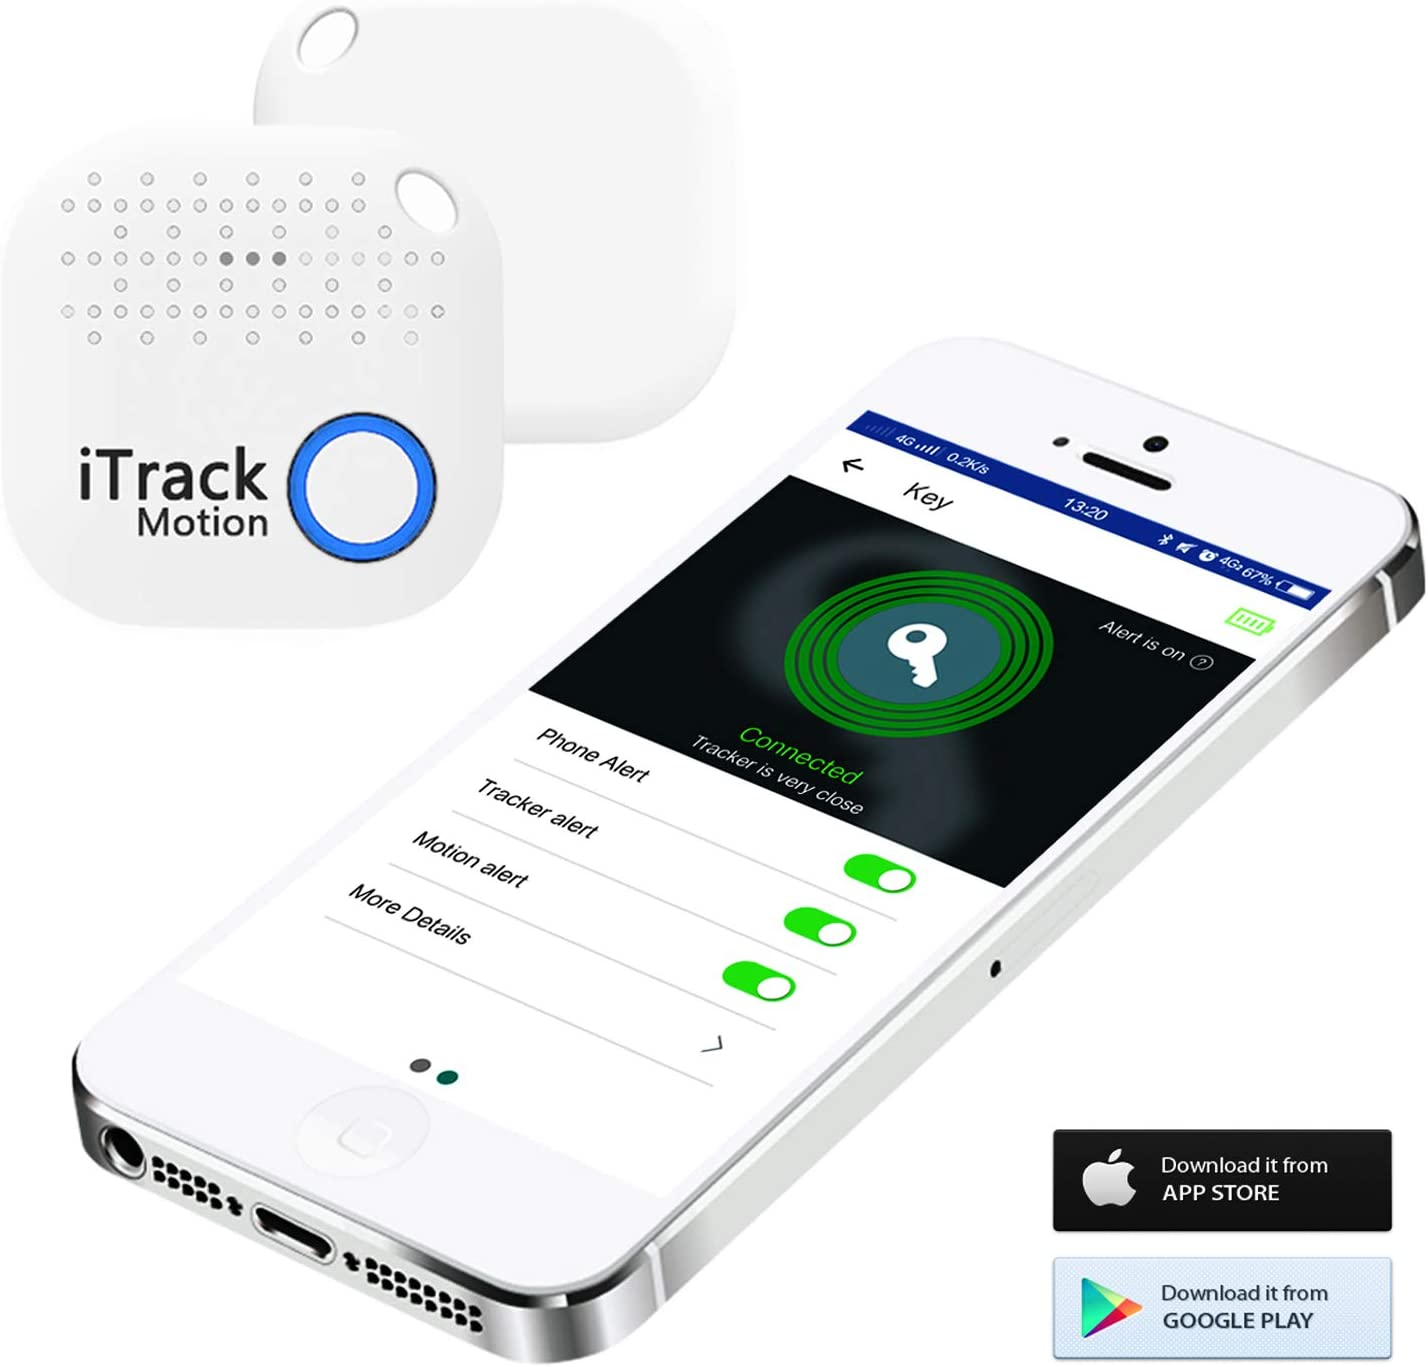 iTrack Détecteur de Mouvement, Bluetooth sans Fil, localisateur de téléphone Intelligent Anti-Perte pour téléphone, Enfants, Porte-clés, Portefeuille, Sacs, Porte-Monnaie, Bagage